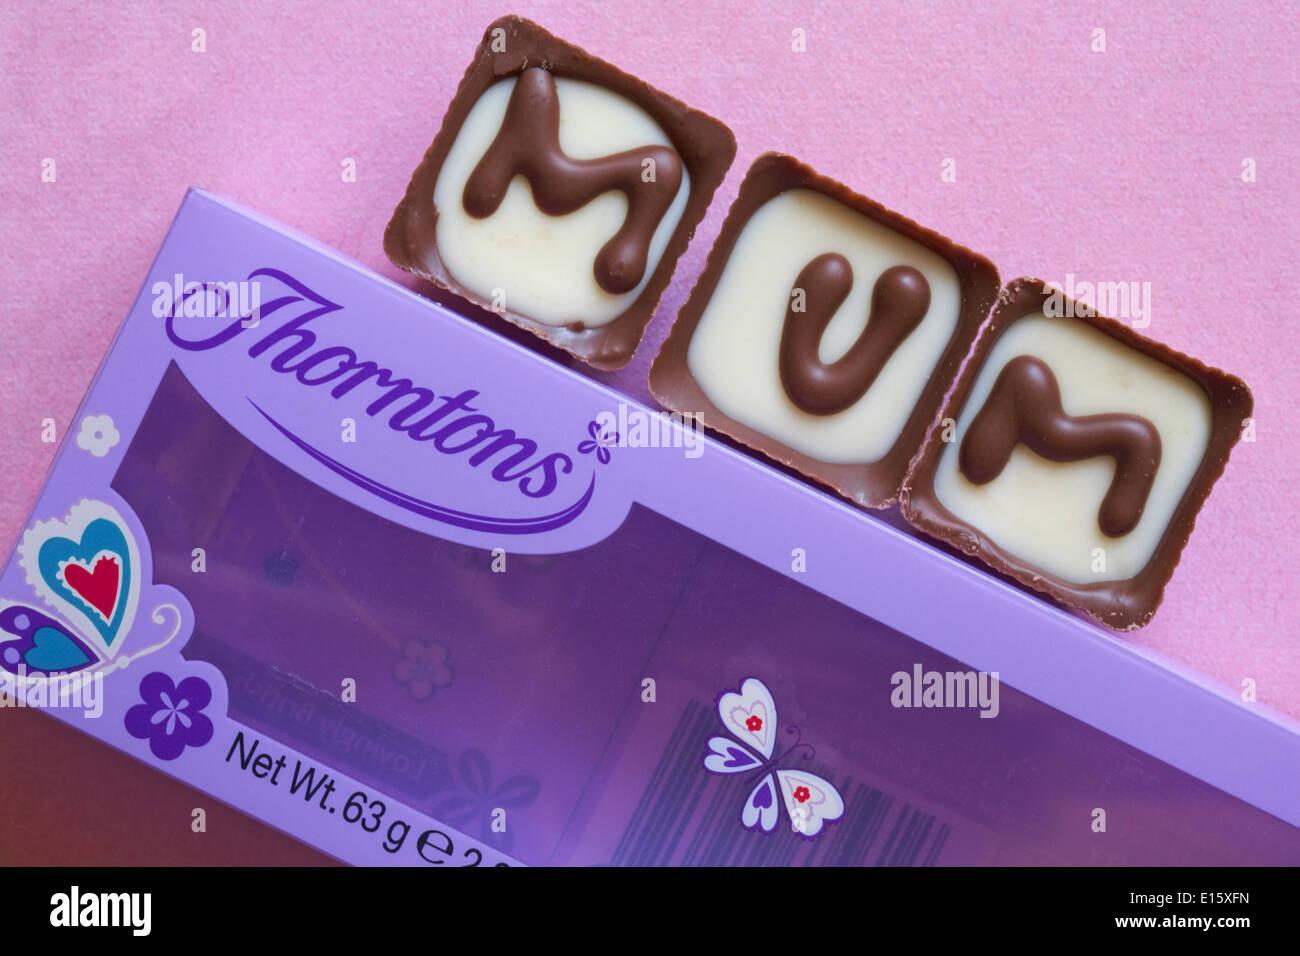 Thorntons mamma cioccolatini per la Festa della Mamma, Mothering domenica su sfondo rosa Immagini Stock